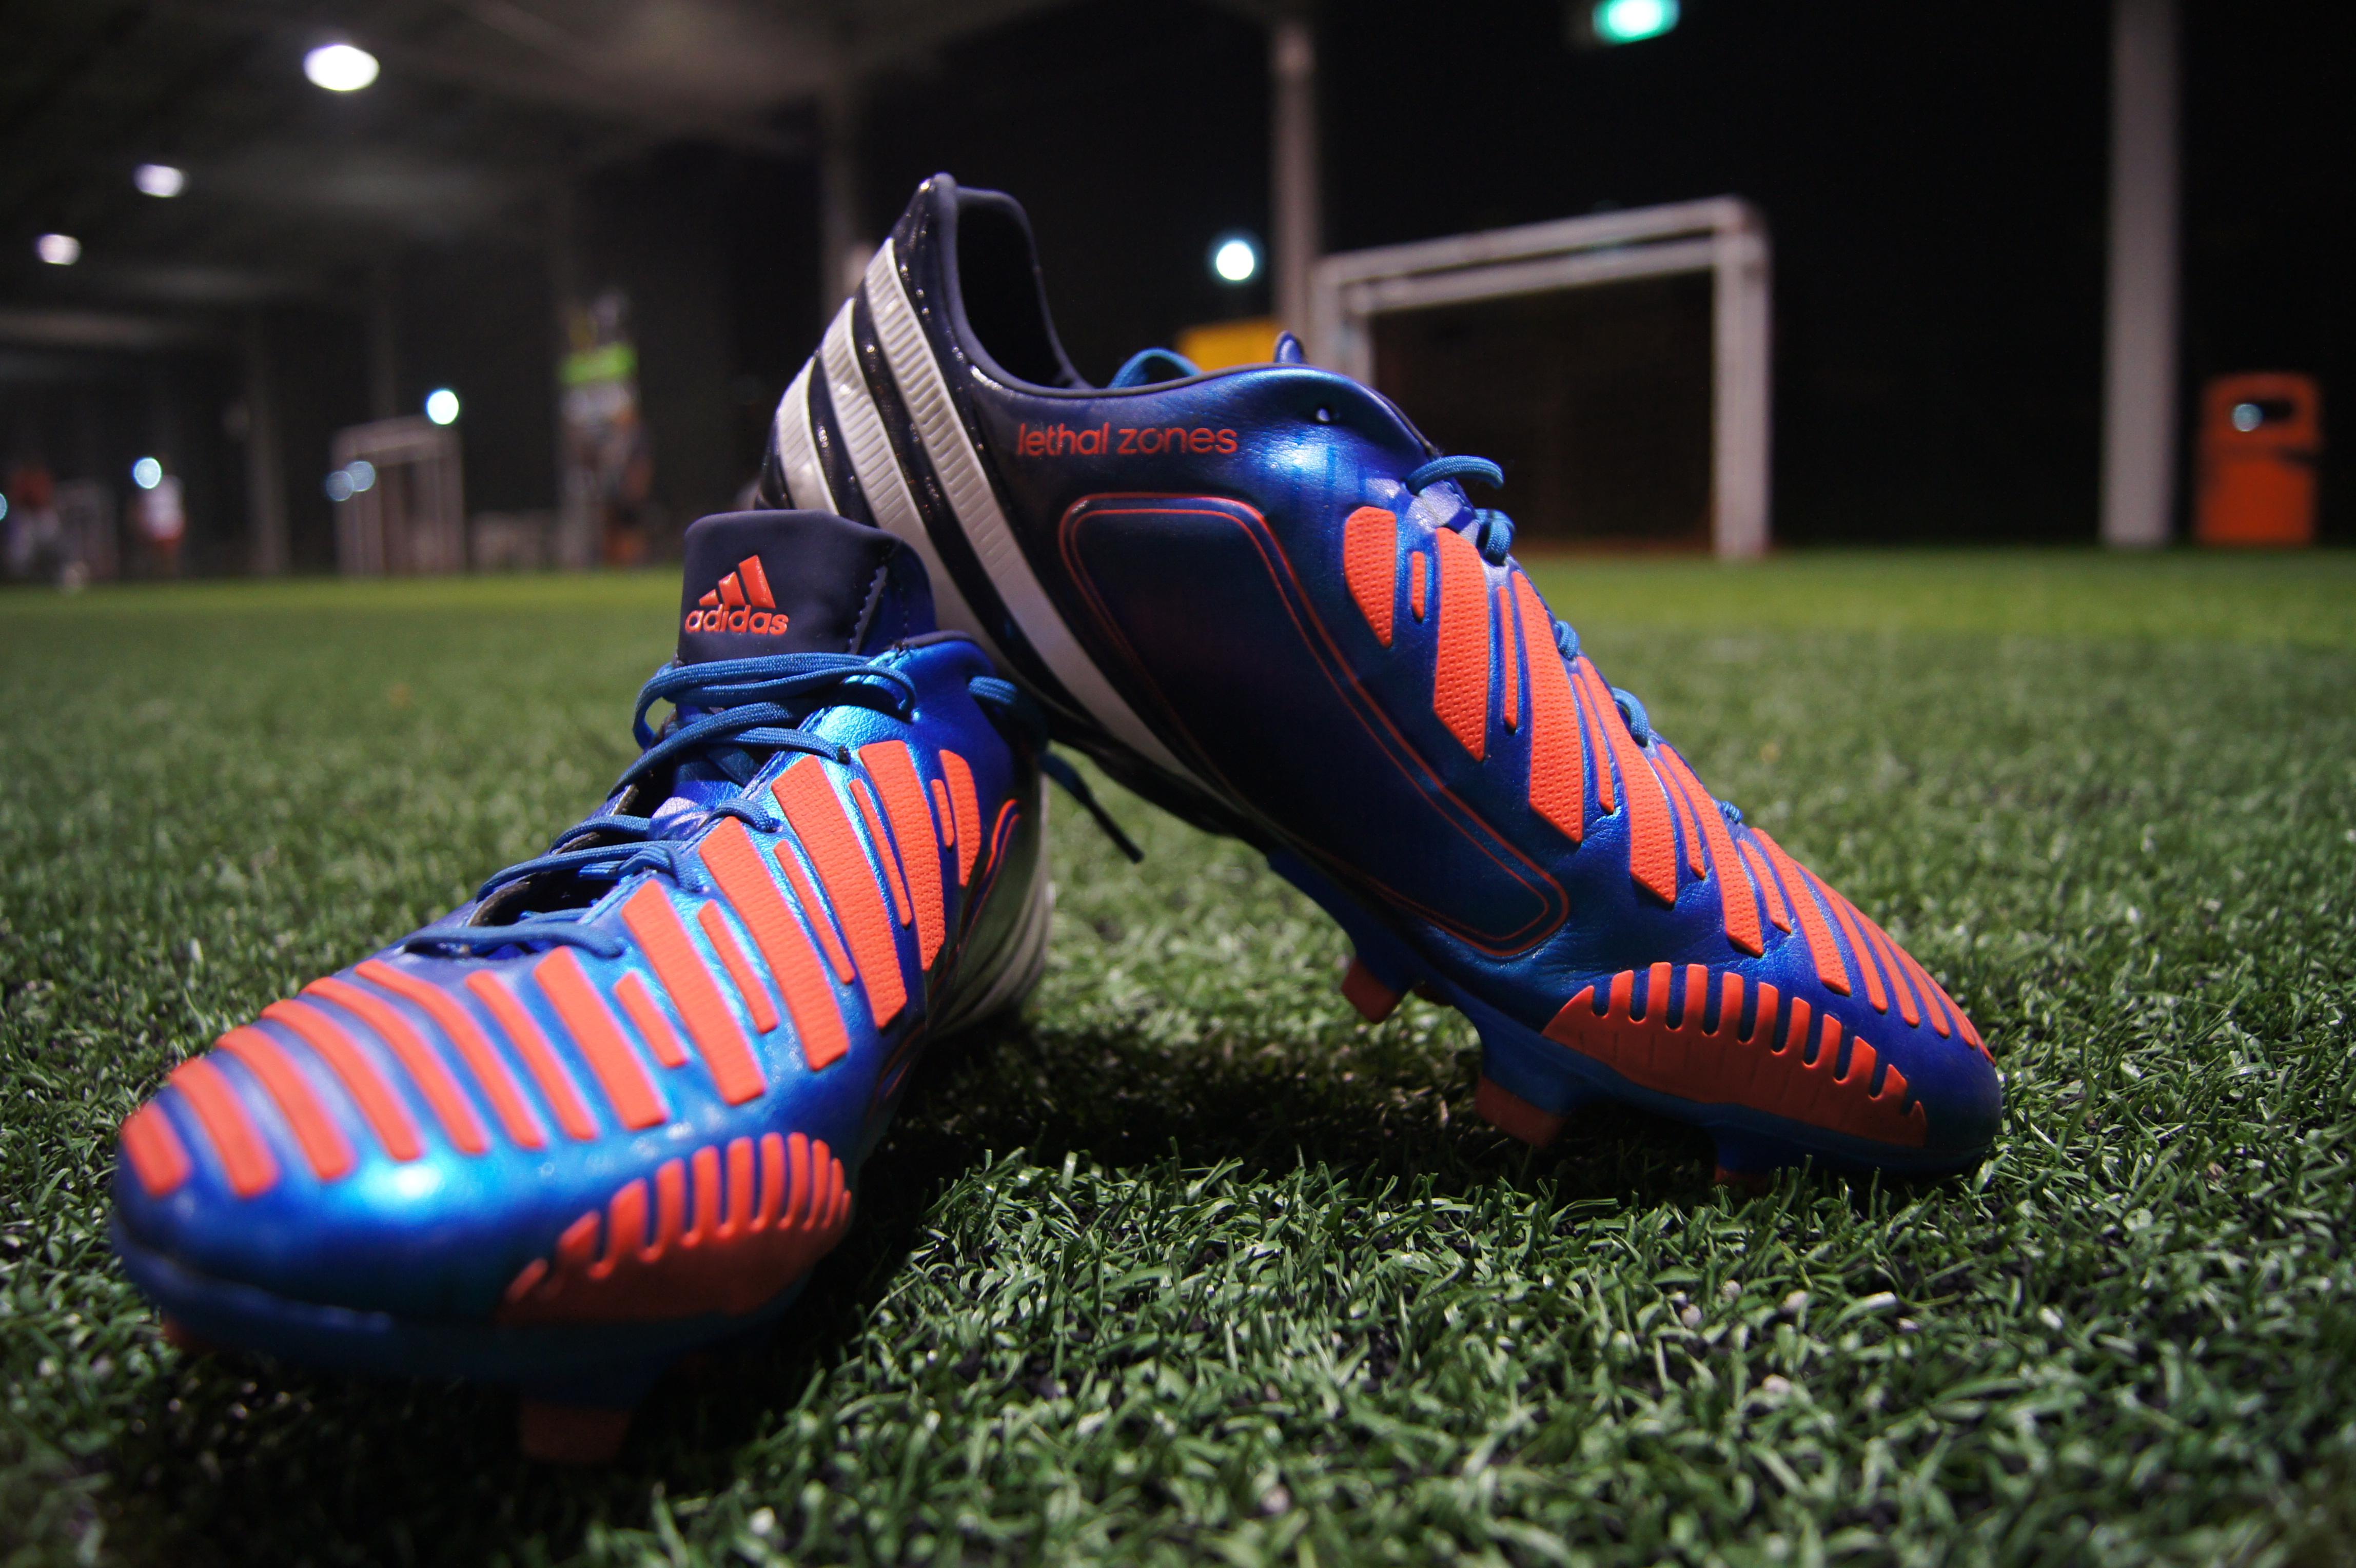 adidas boots SingaSportscom